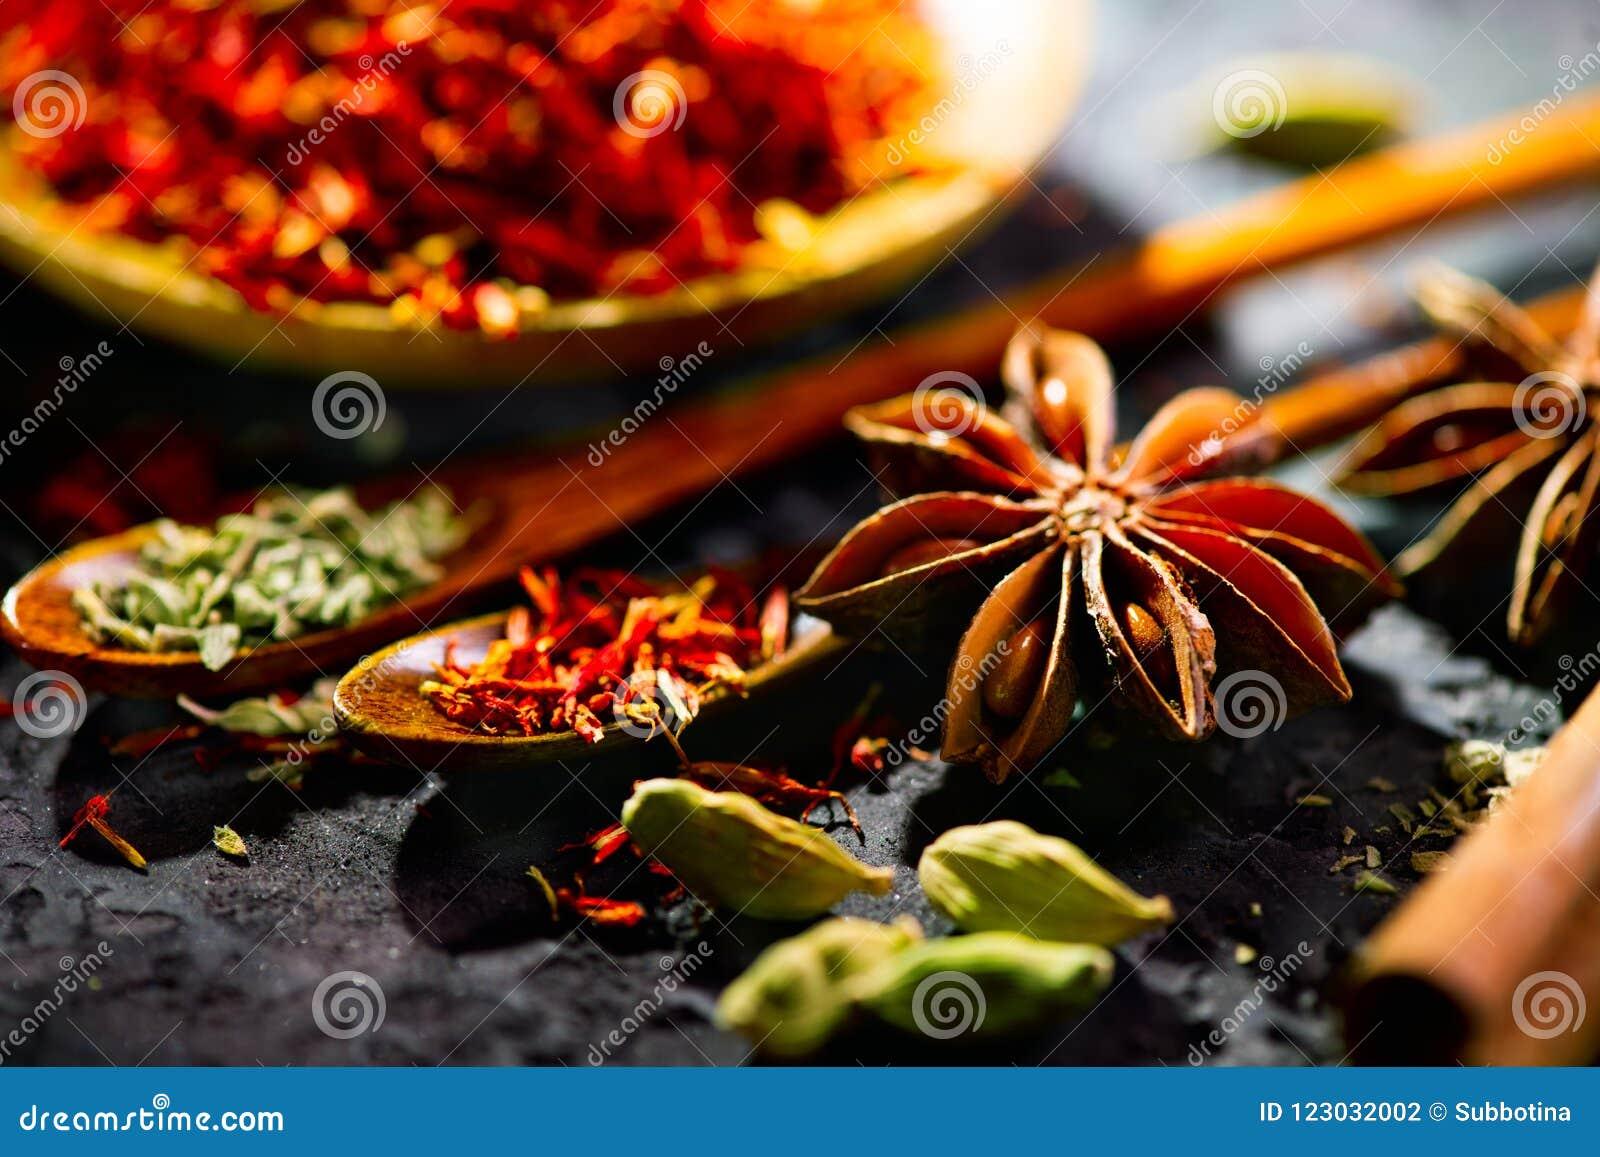 Especias Diversas especias indias en la tabla de piedra negra Especia e hierbas en fondo de la pizarra